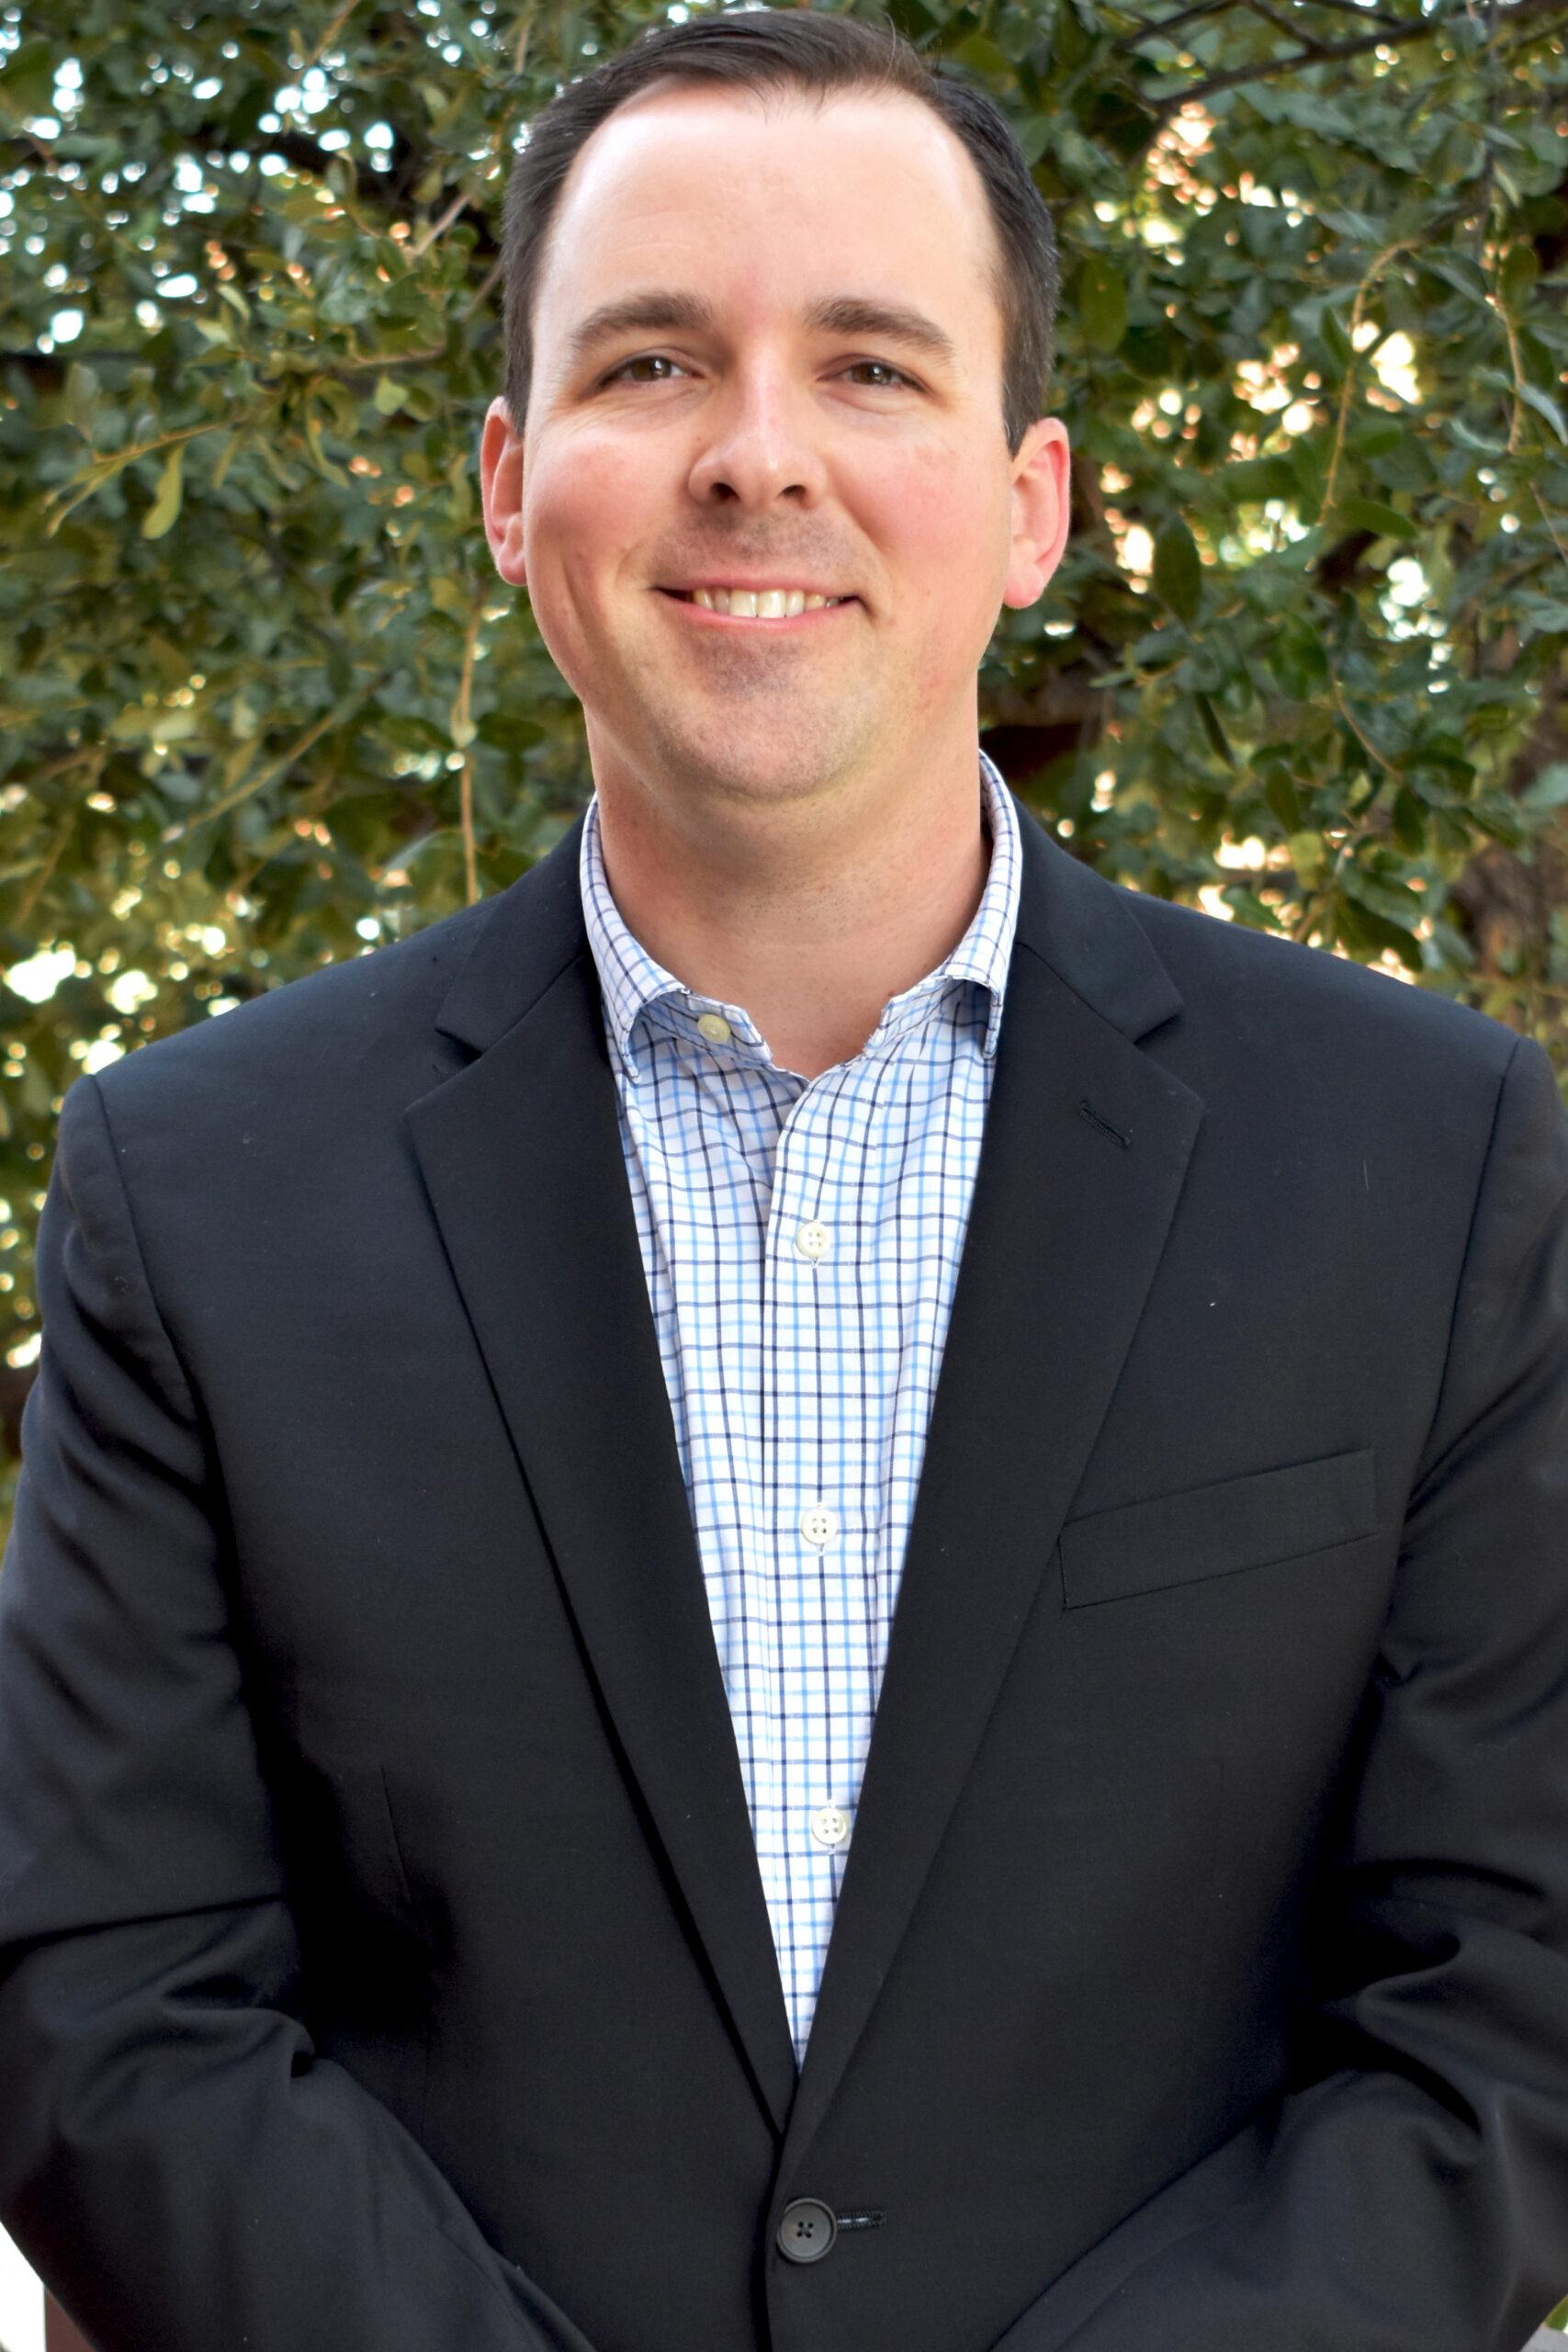 Brent Schroeder